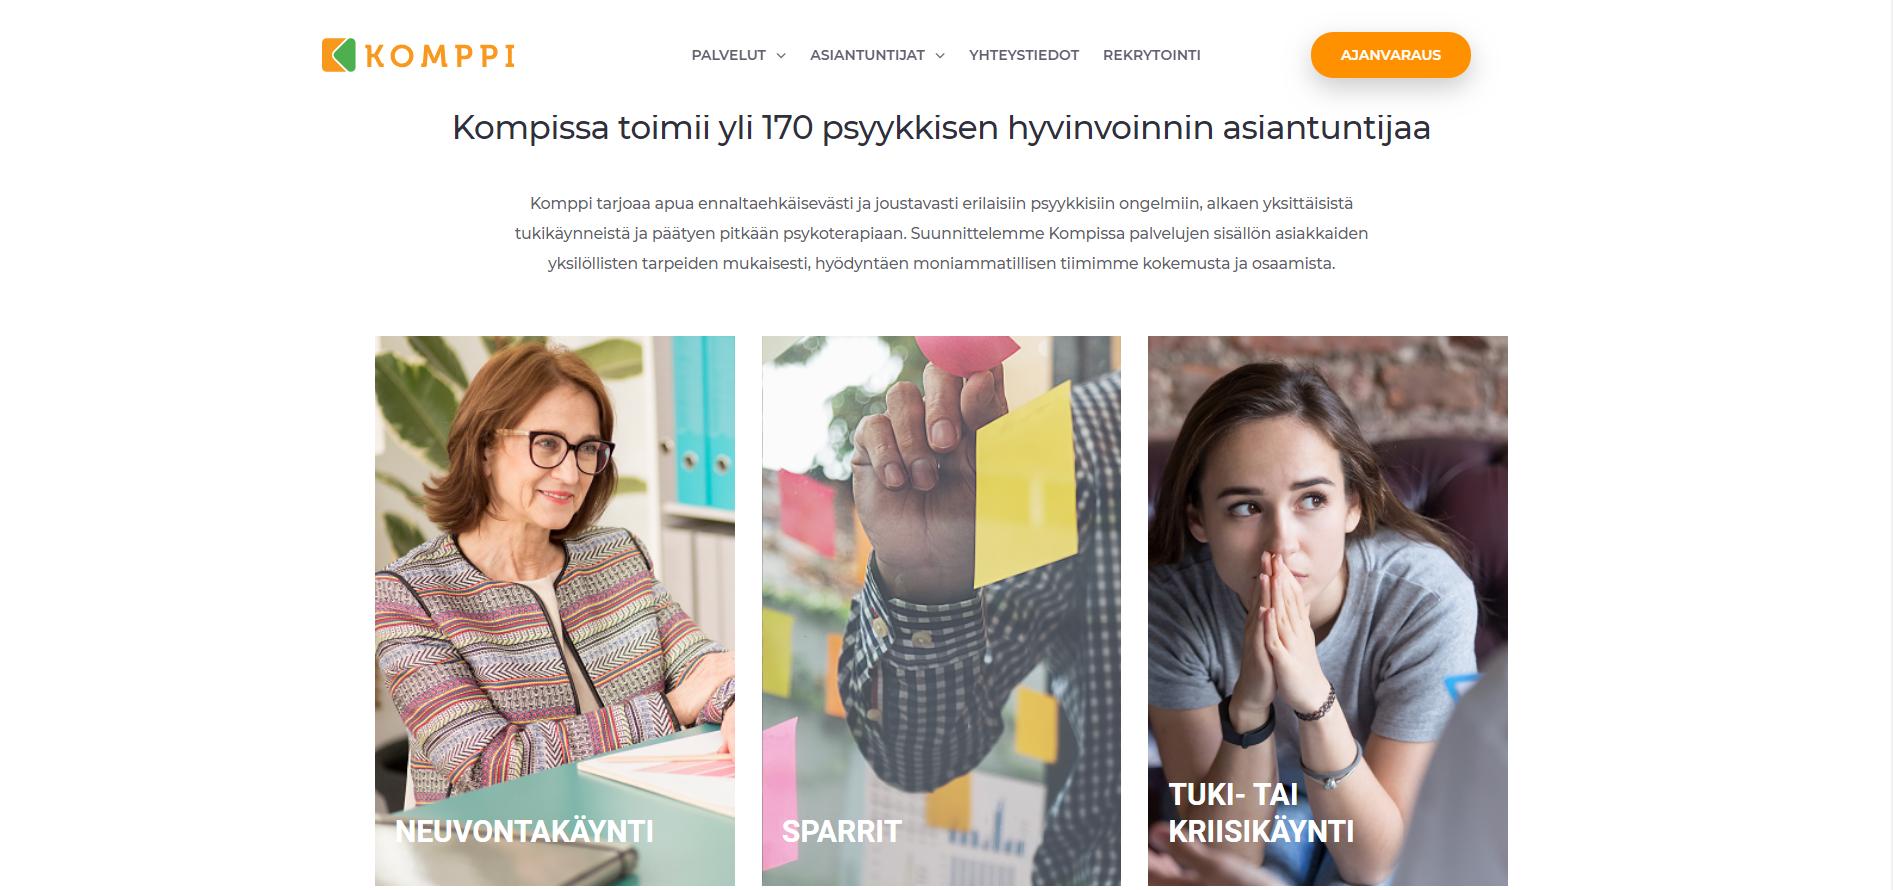 Komppi.net palvelunostot - neuvontakäynti, sparrit sekä tuki- tai kriisikäynti